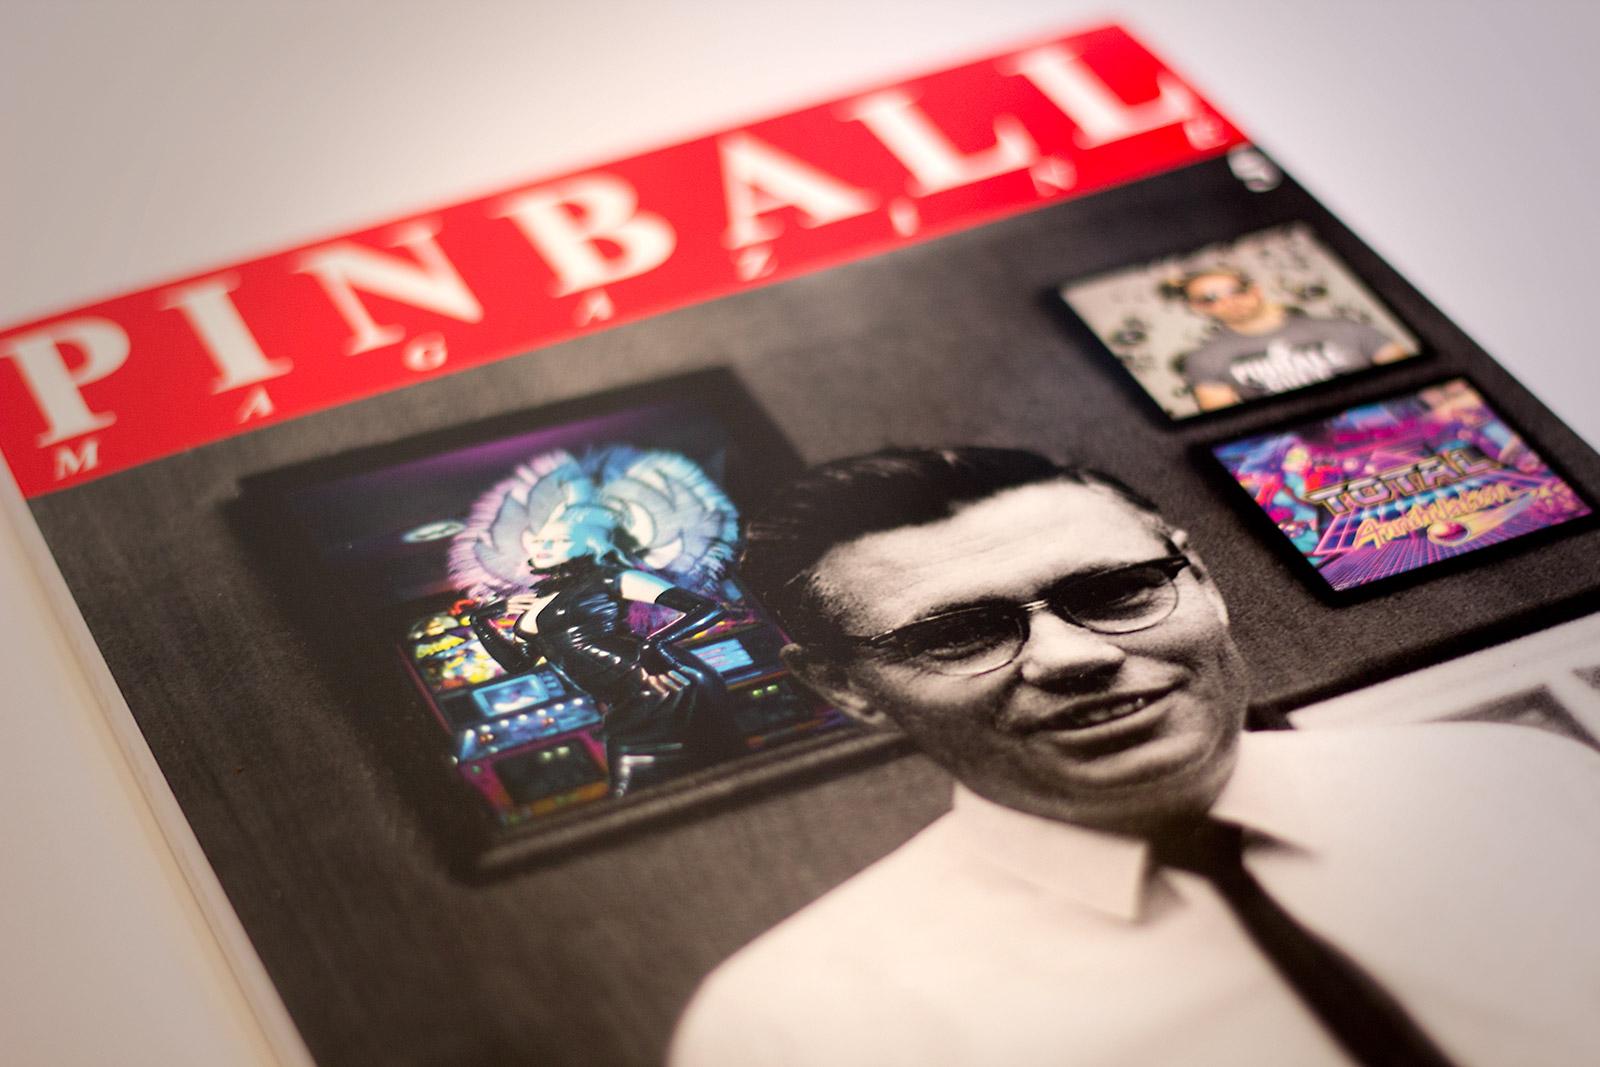 Scott Danesi 5: Wayne Neyens Pinball Magazine No Gottlieb Pinball and more